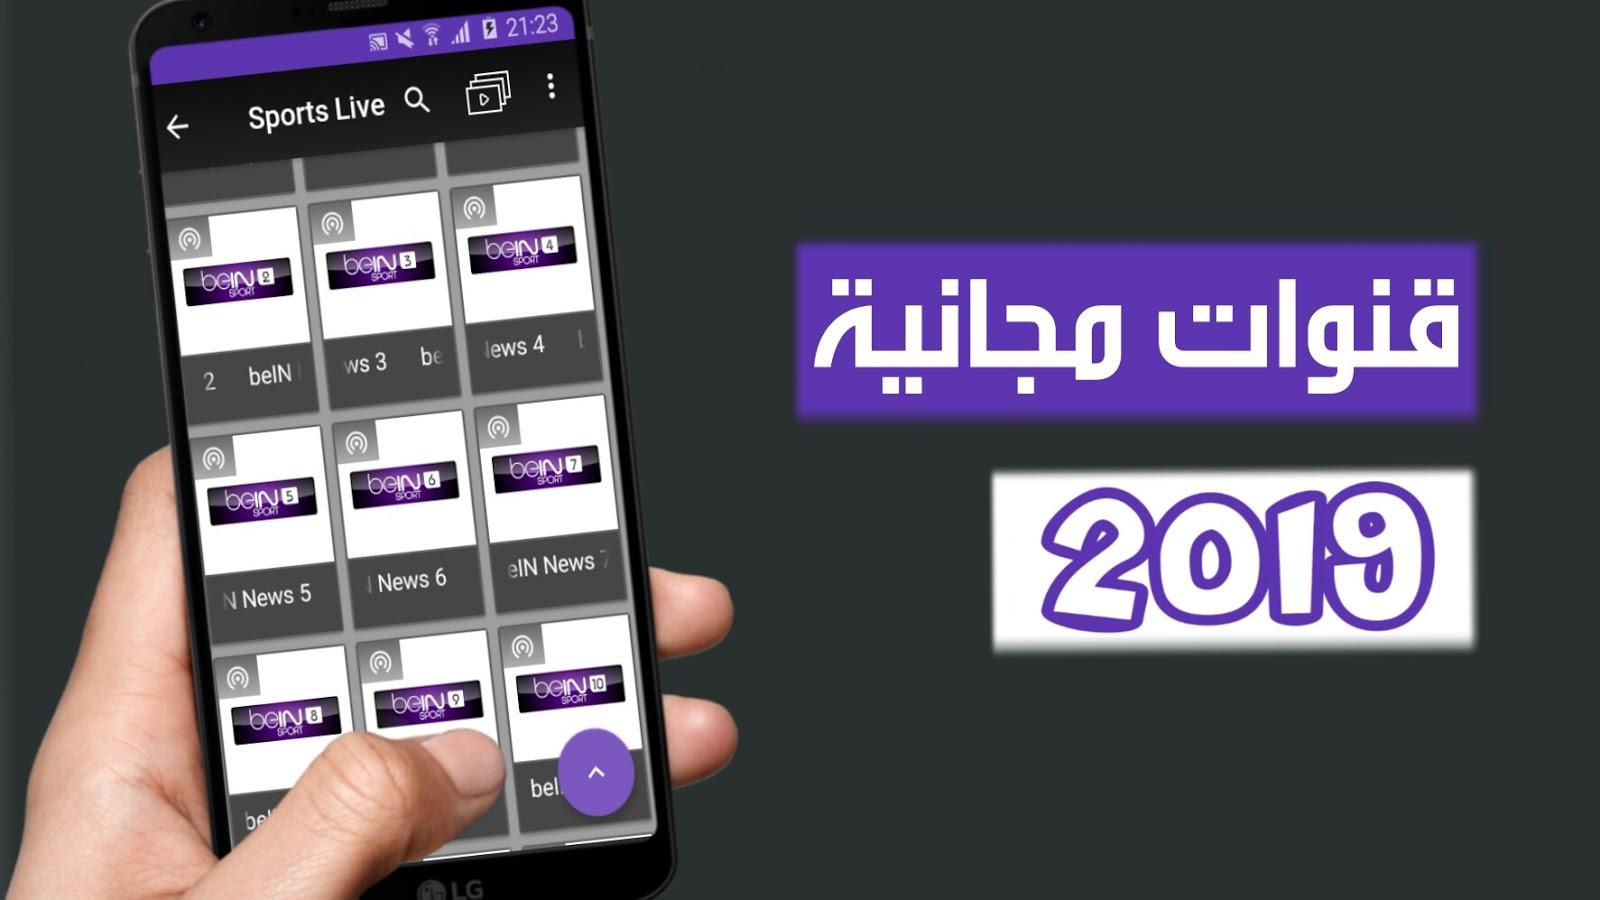 تطبيق جديد لمشاهدة القنوات مجانا لسنة 2019 - خربشة المحترف